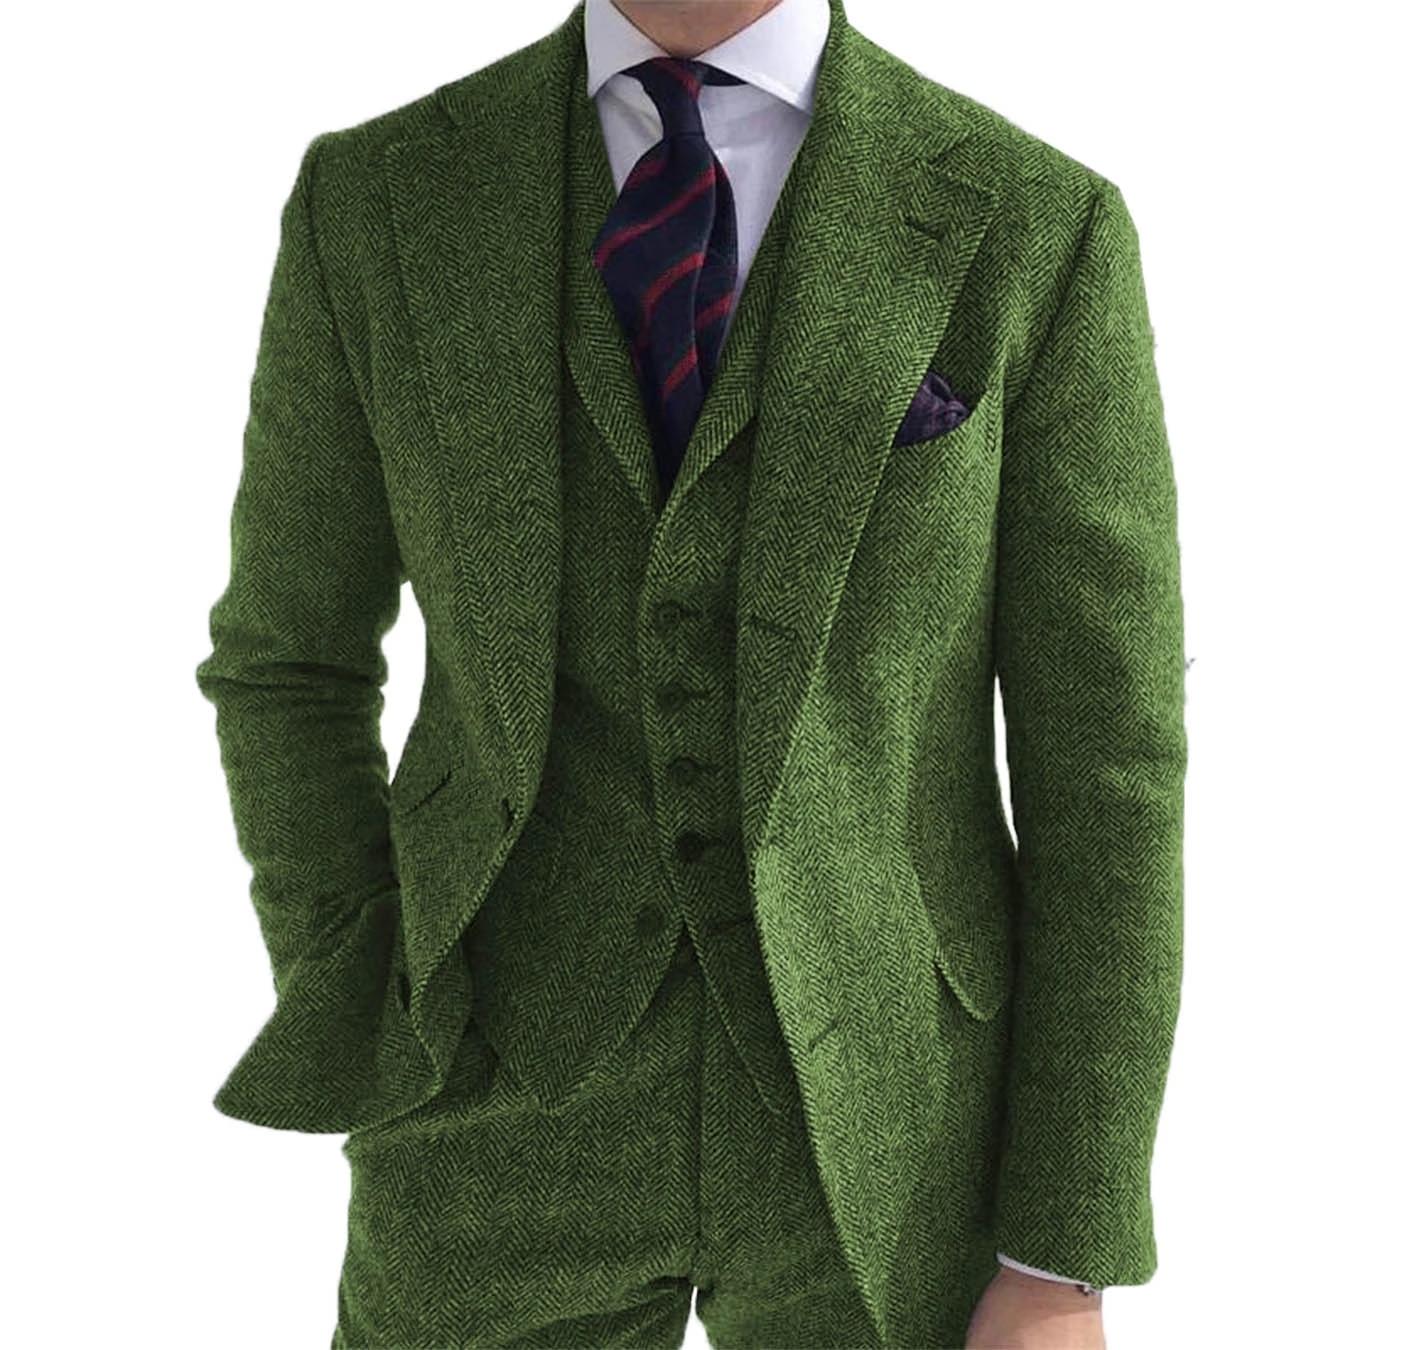 بدلة رجالية 3 قطع من الصوف الأخضر التويد متعرجة الأعمال الكلاسيكية الرجعية نمط لسترة الزفاف السترة السراويل